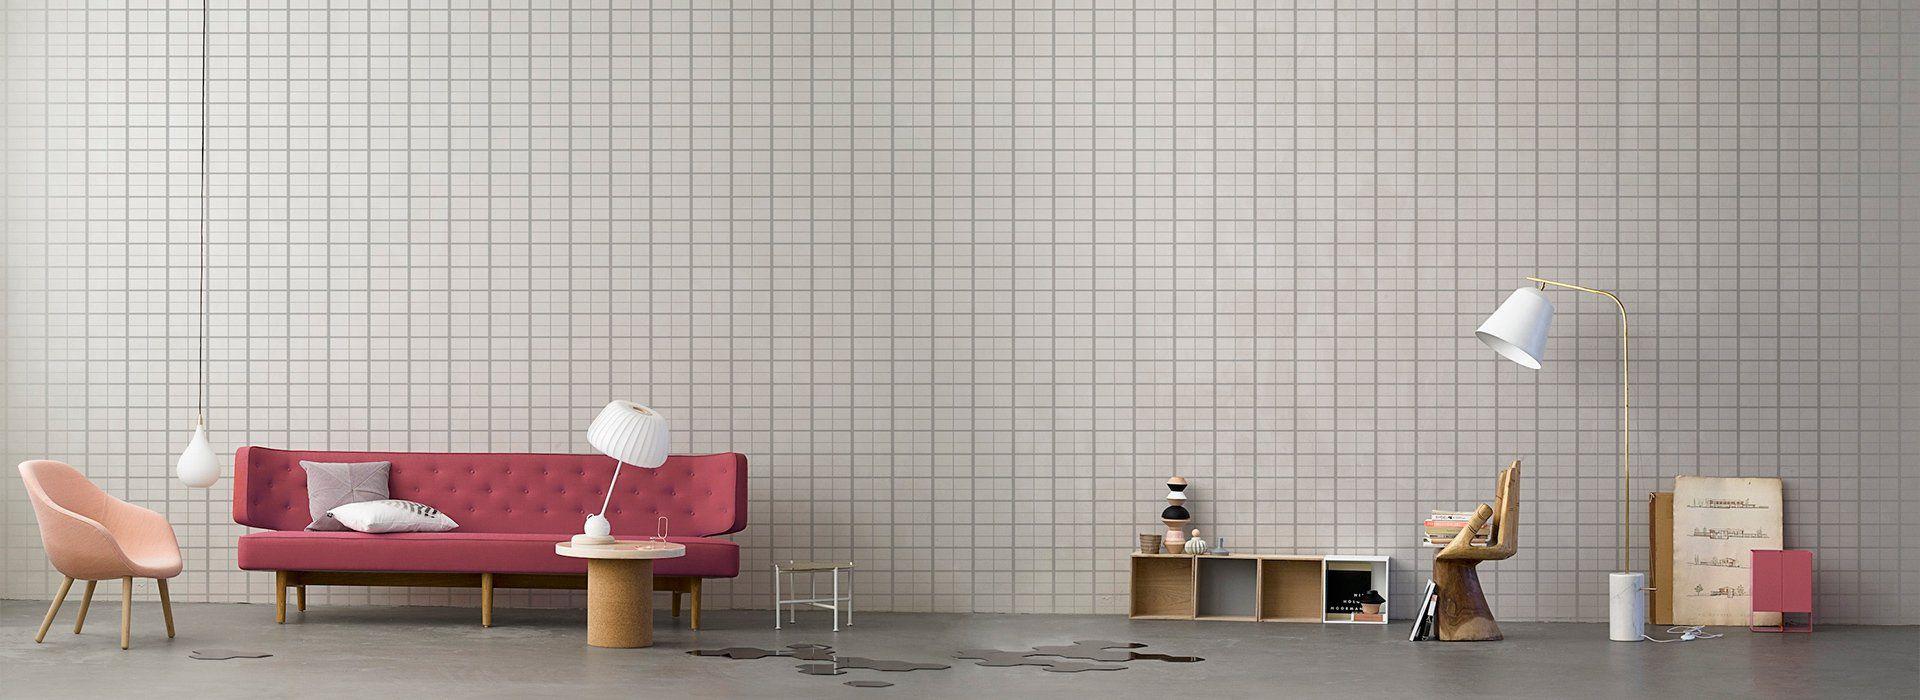 Столы и подстолья в стиле Лофт